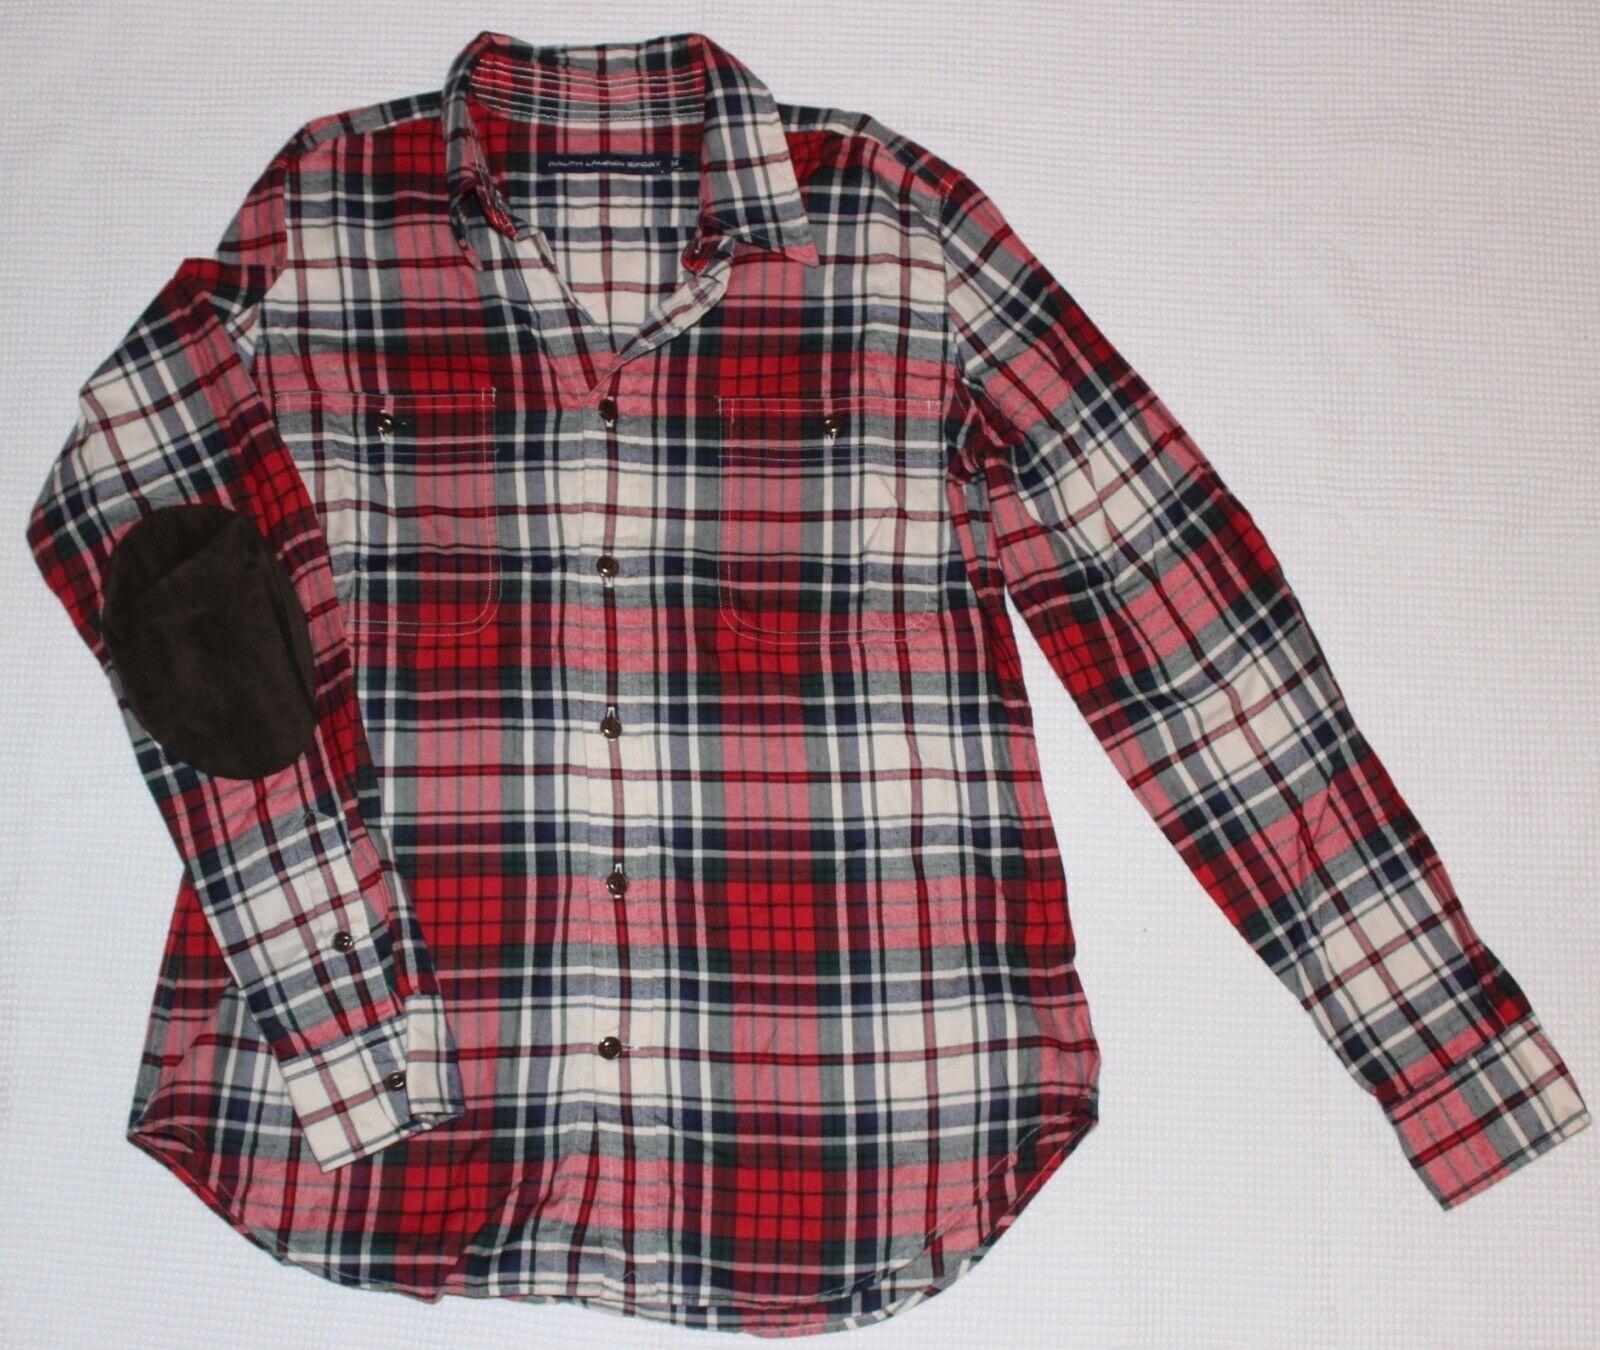 Ralph Lauren Sport Cowboyhemd Flanell NEUW rot-kariert Gr. 14   44